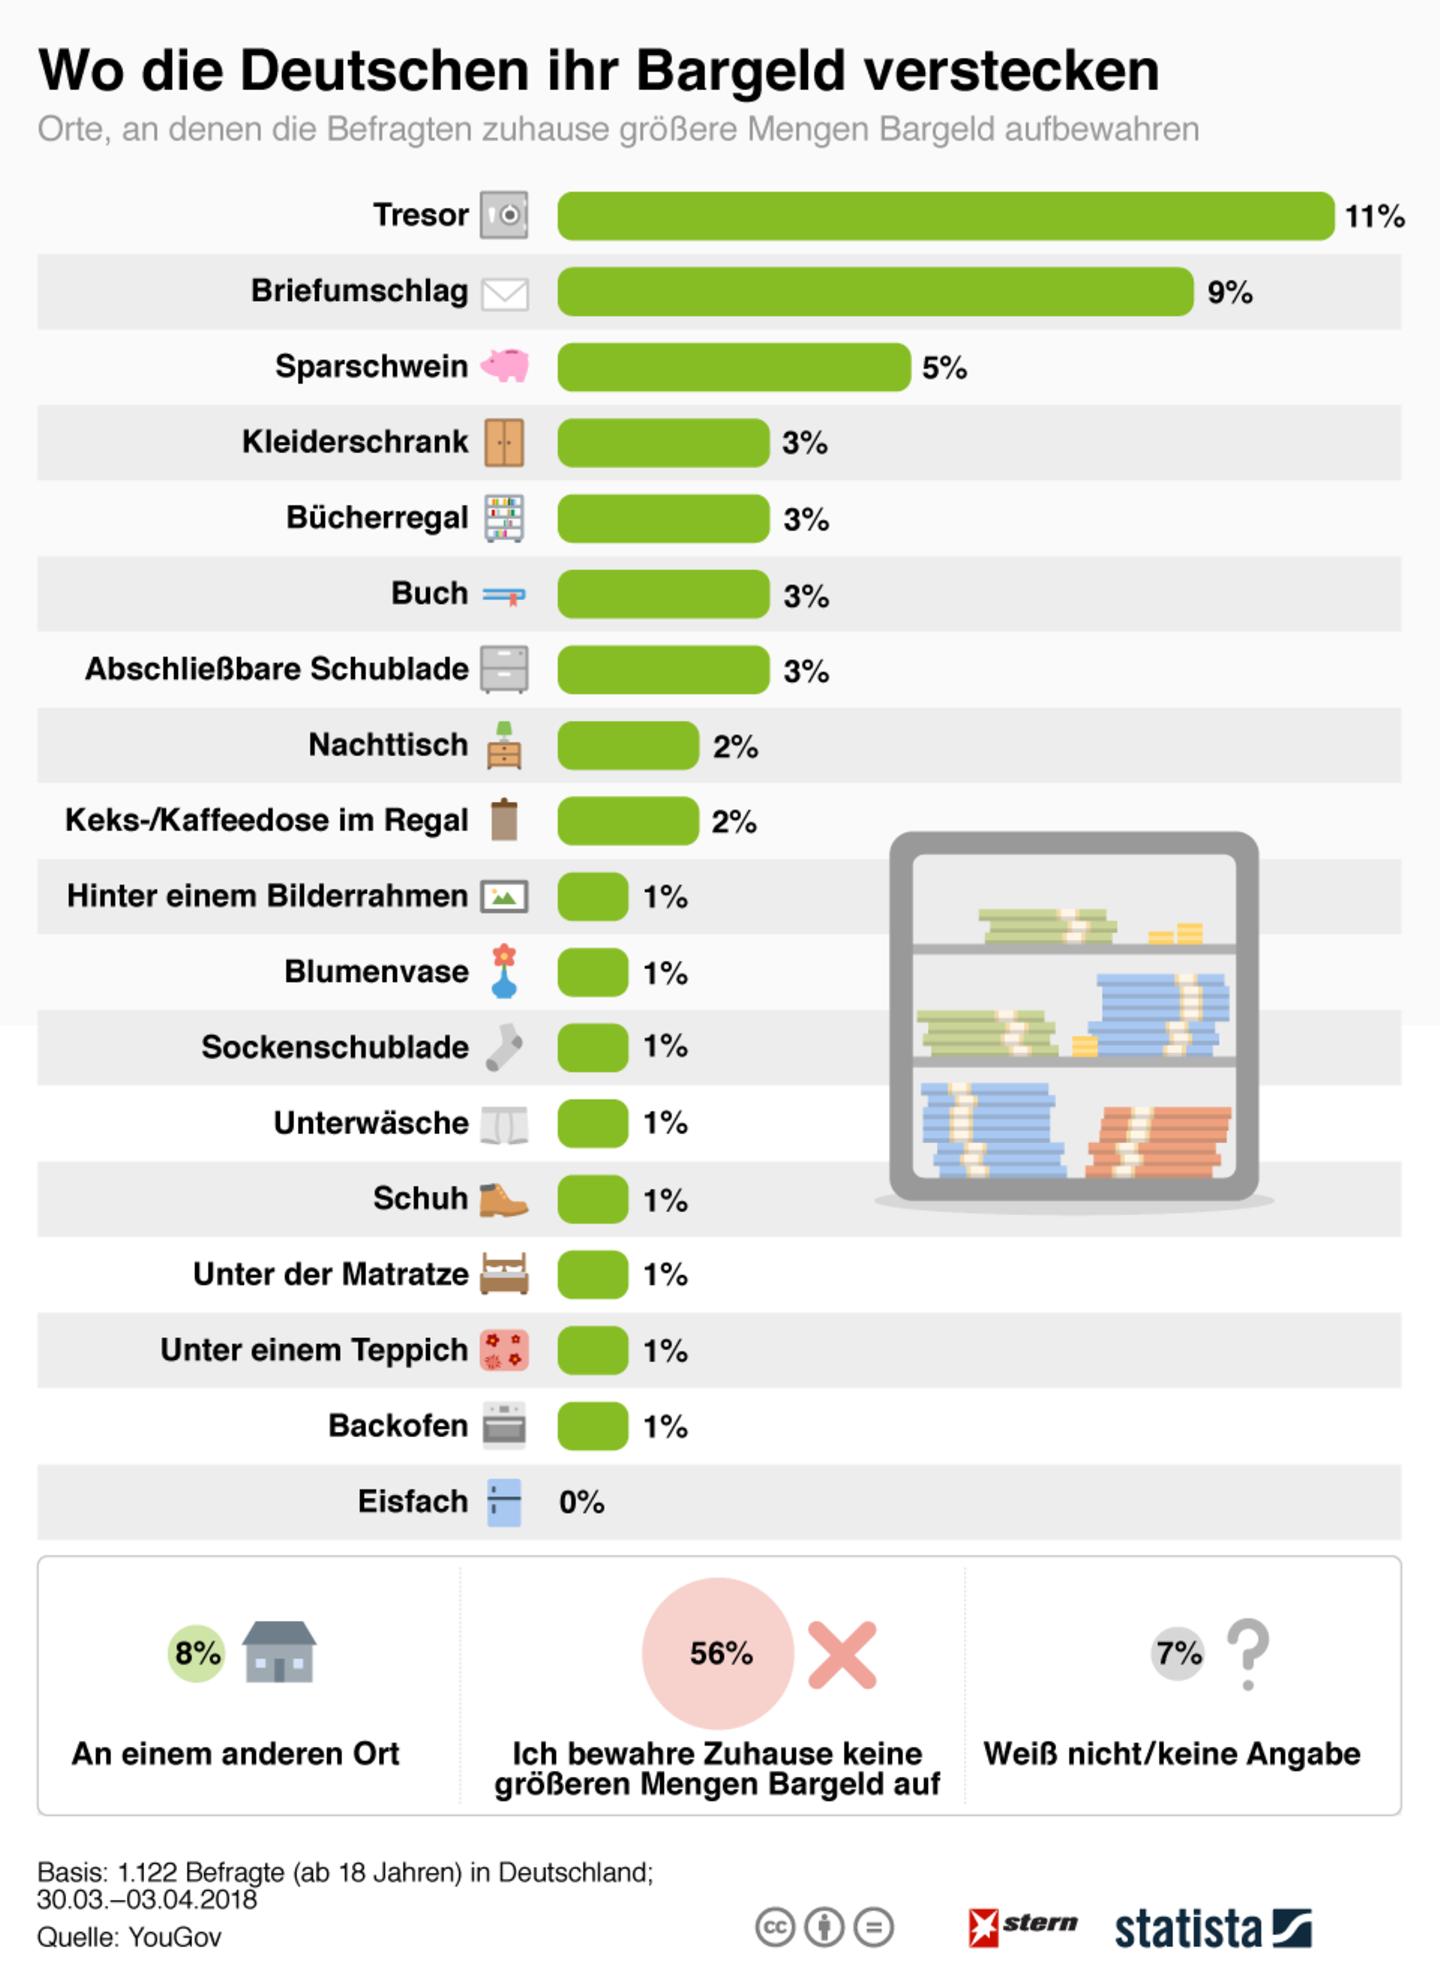 Beliebteste Verstecke : Wo die Deutschen ihr Bargeld verstecken